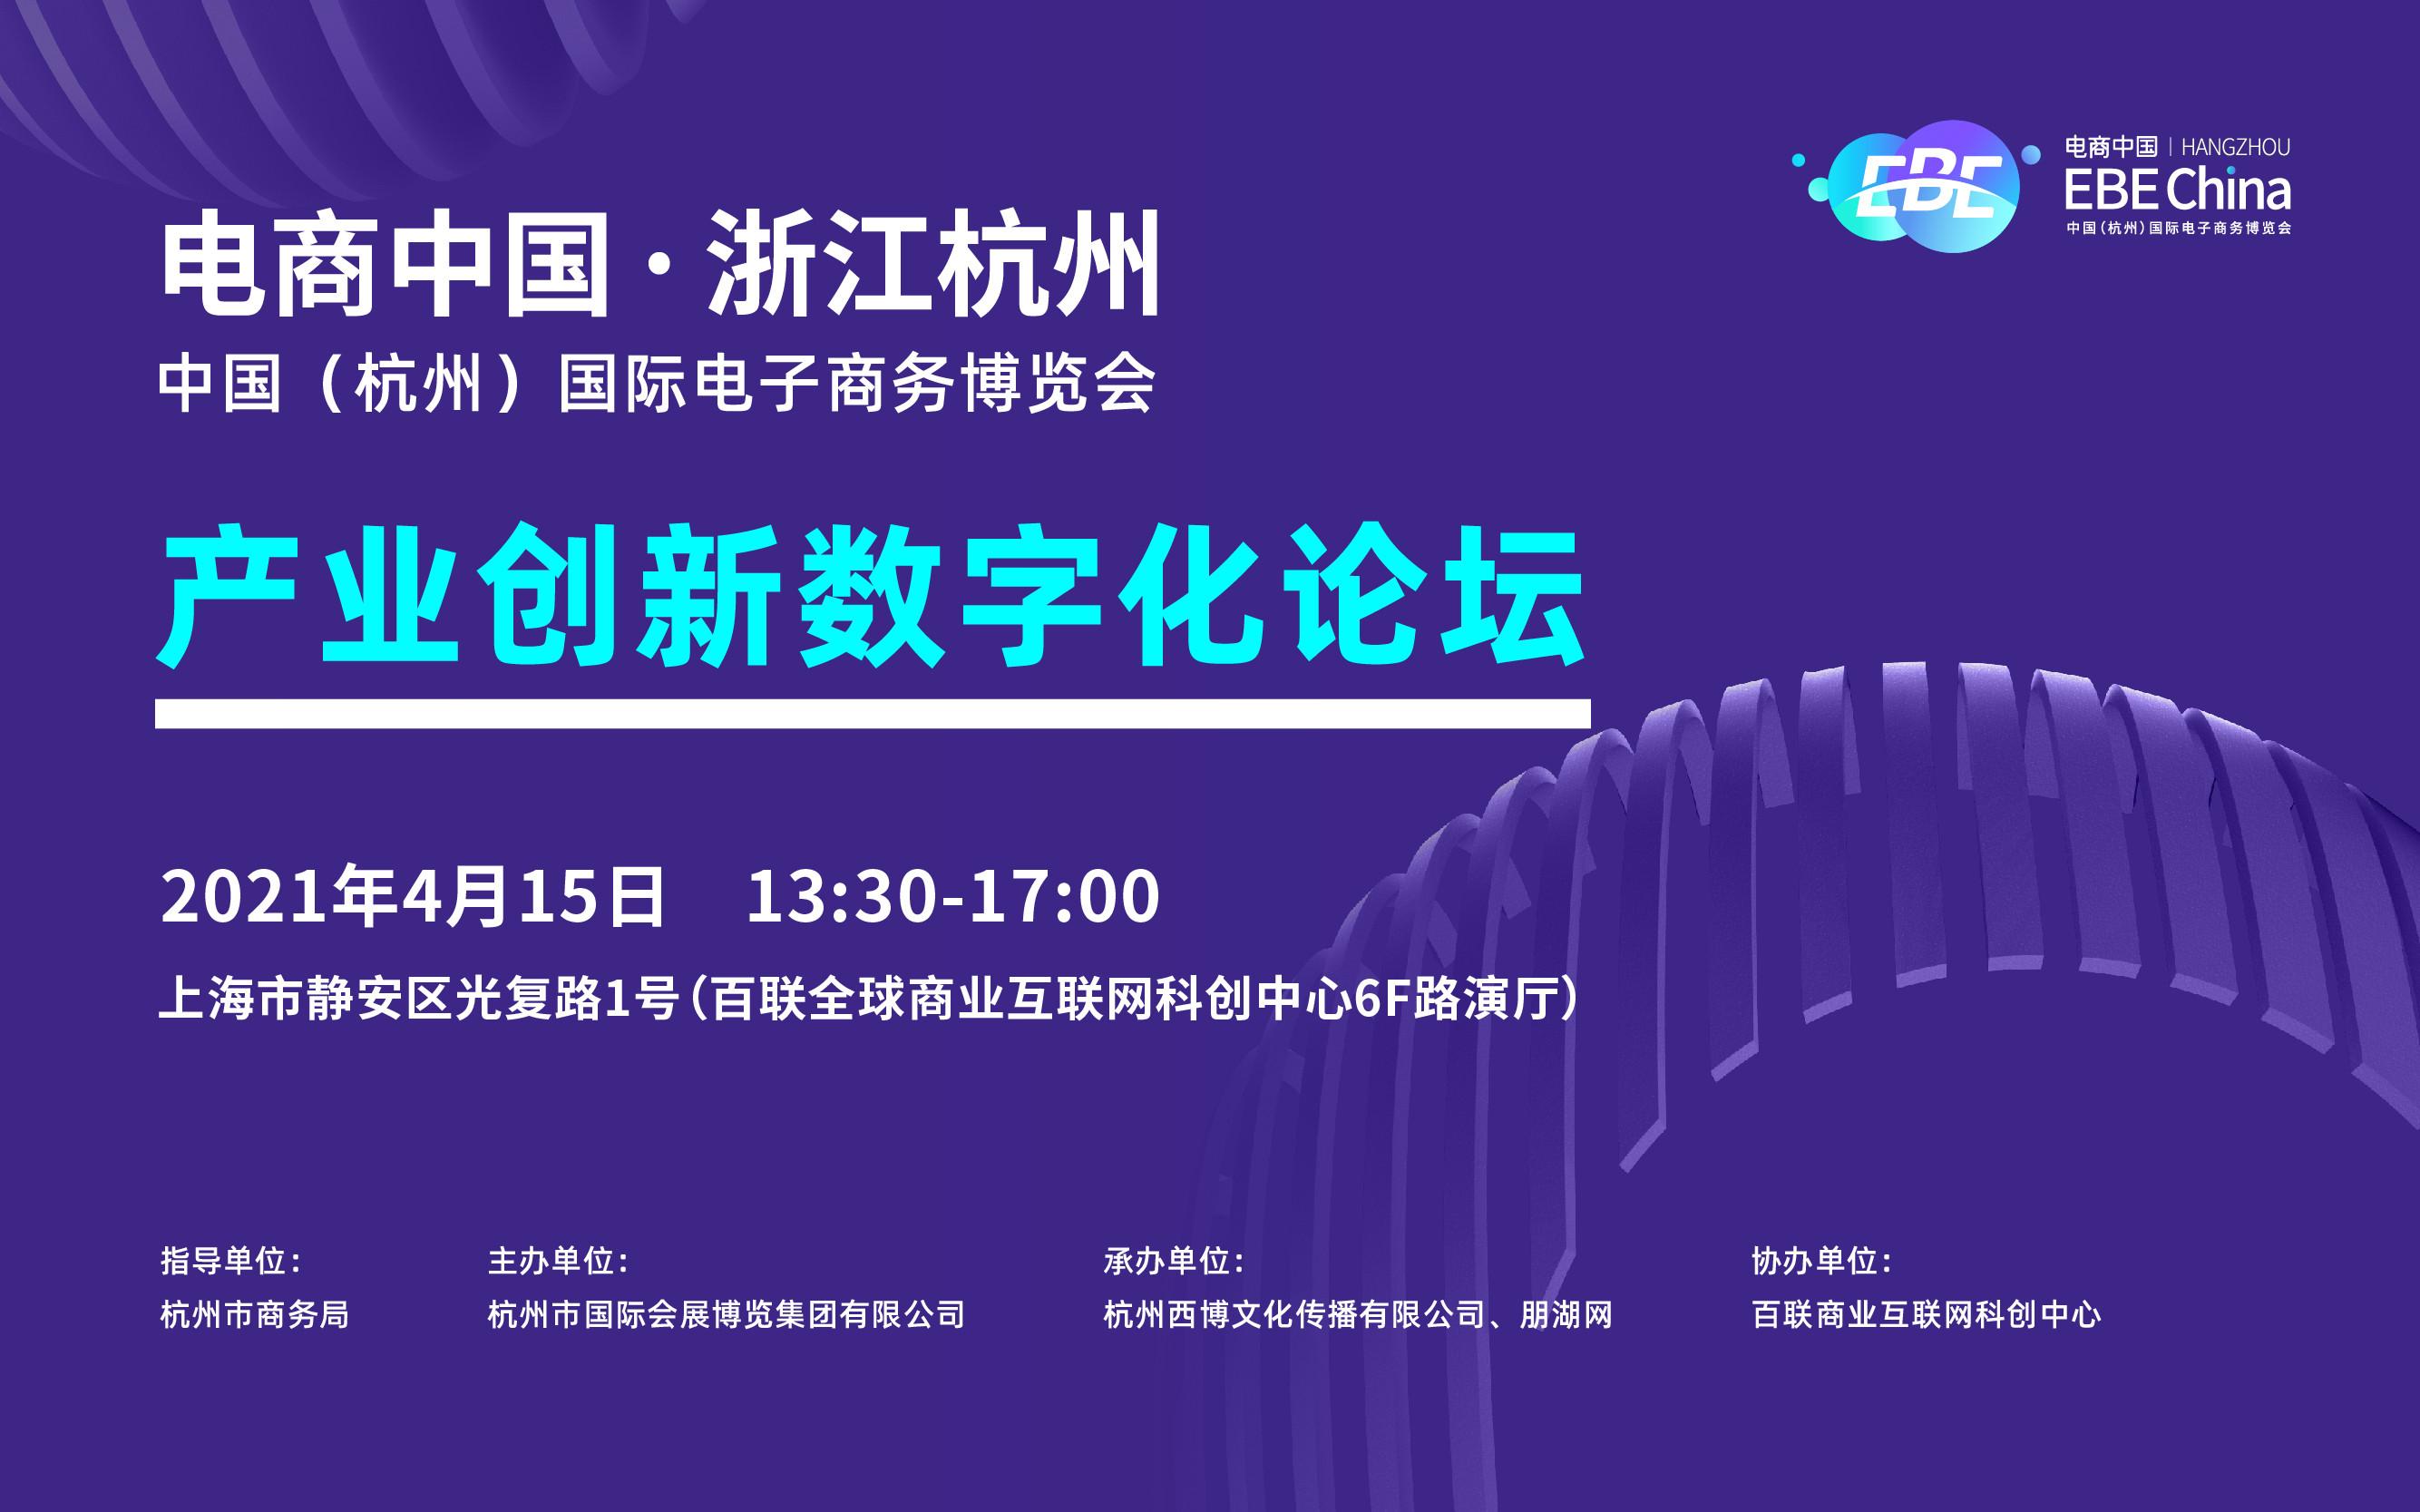 中国(杭州)国际电子商务博览会 产业创新数字化论坛